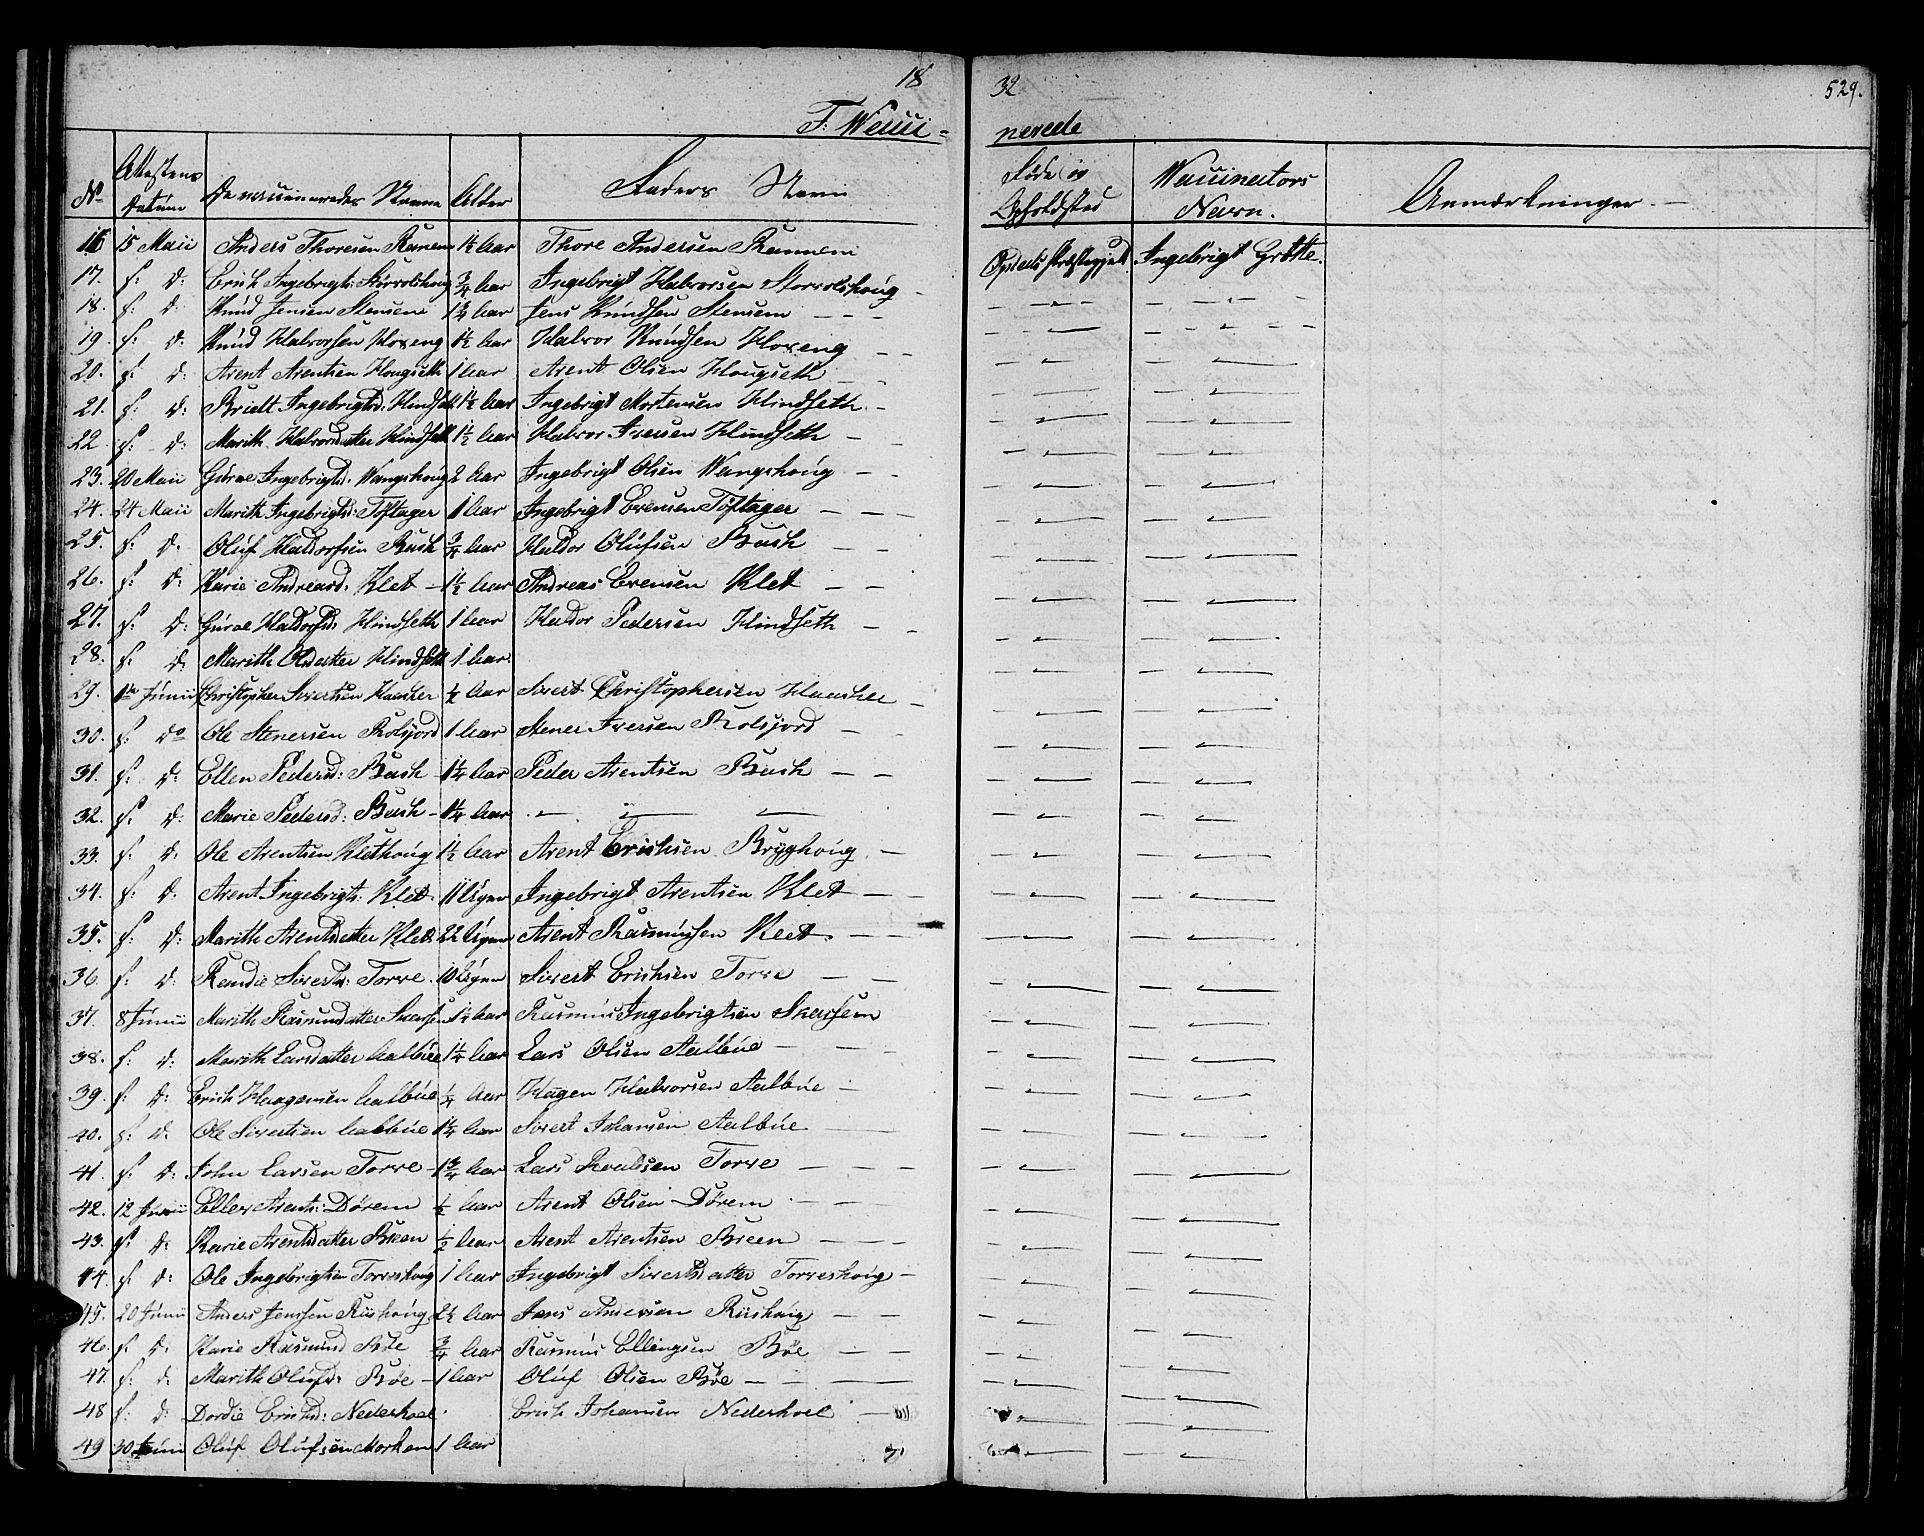 SAT, Ministerialprotokoller, klokkerbøker og fødselsregistre - Sør-Trøndelag, 678/L0897: Ministerialbok nr. 678A06-07, 1821-1847, s. 529